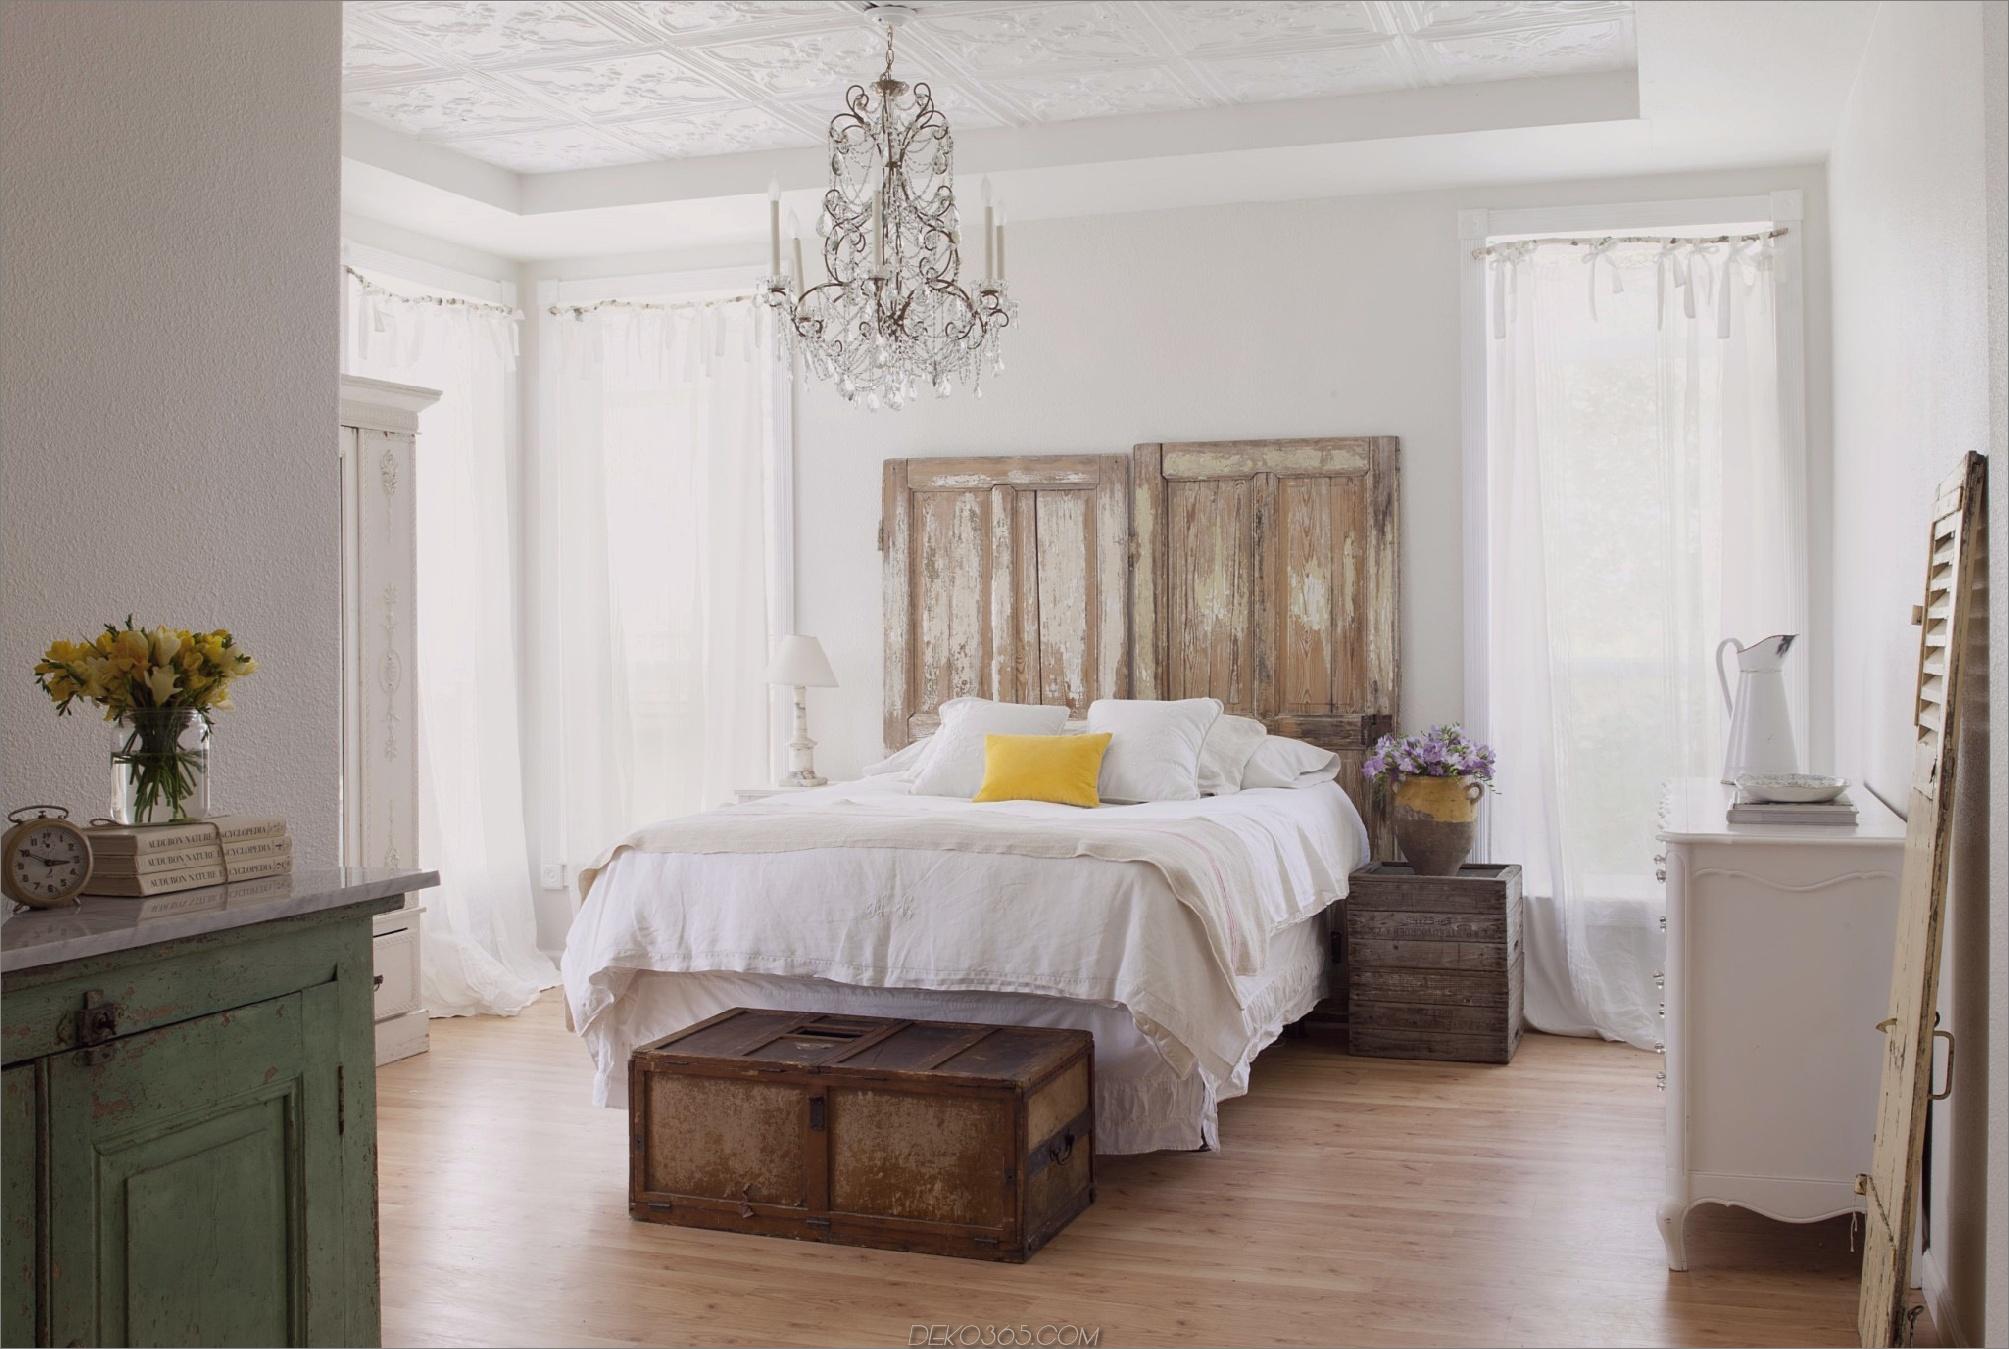 Geben Sie Ihrem Zuhause die rustikale Chic-Wendung, die Sie mit diesen rustikalen Stilideen schon immer gewünscht haben_5c58bb2c92bf0.jpg